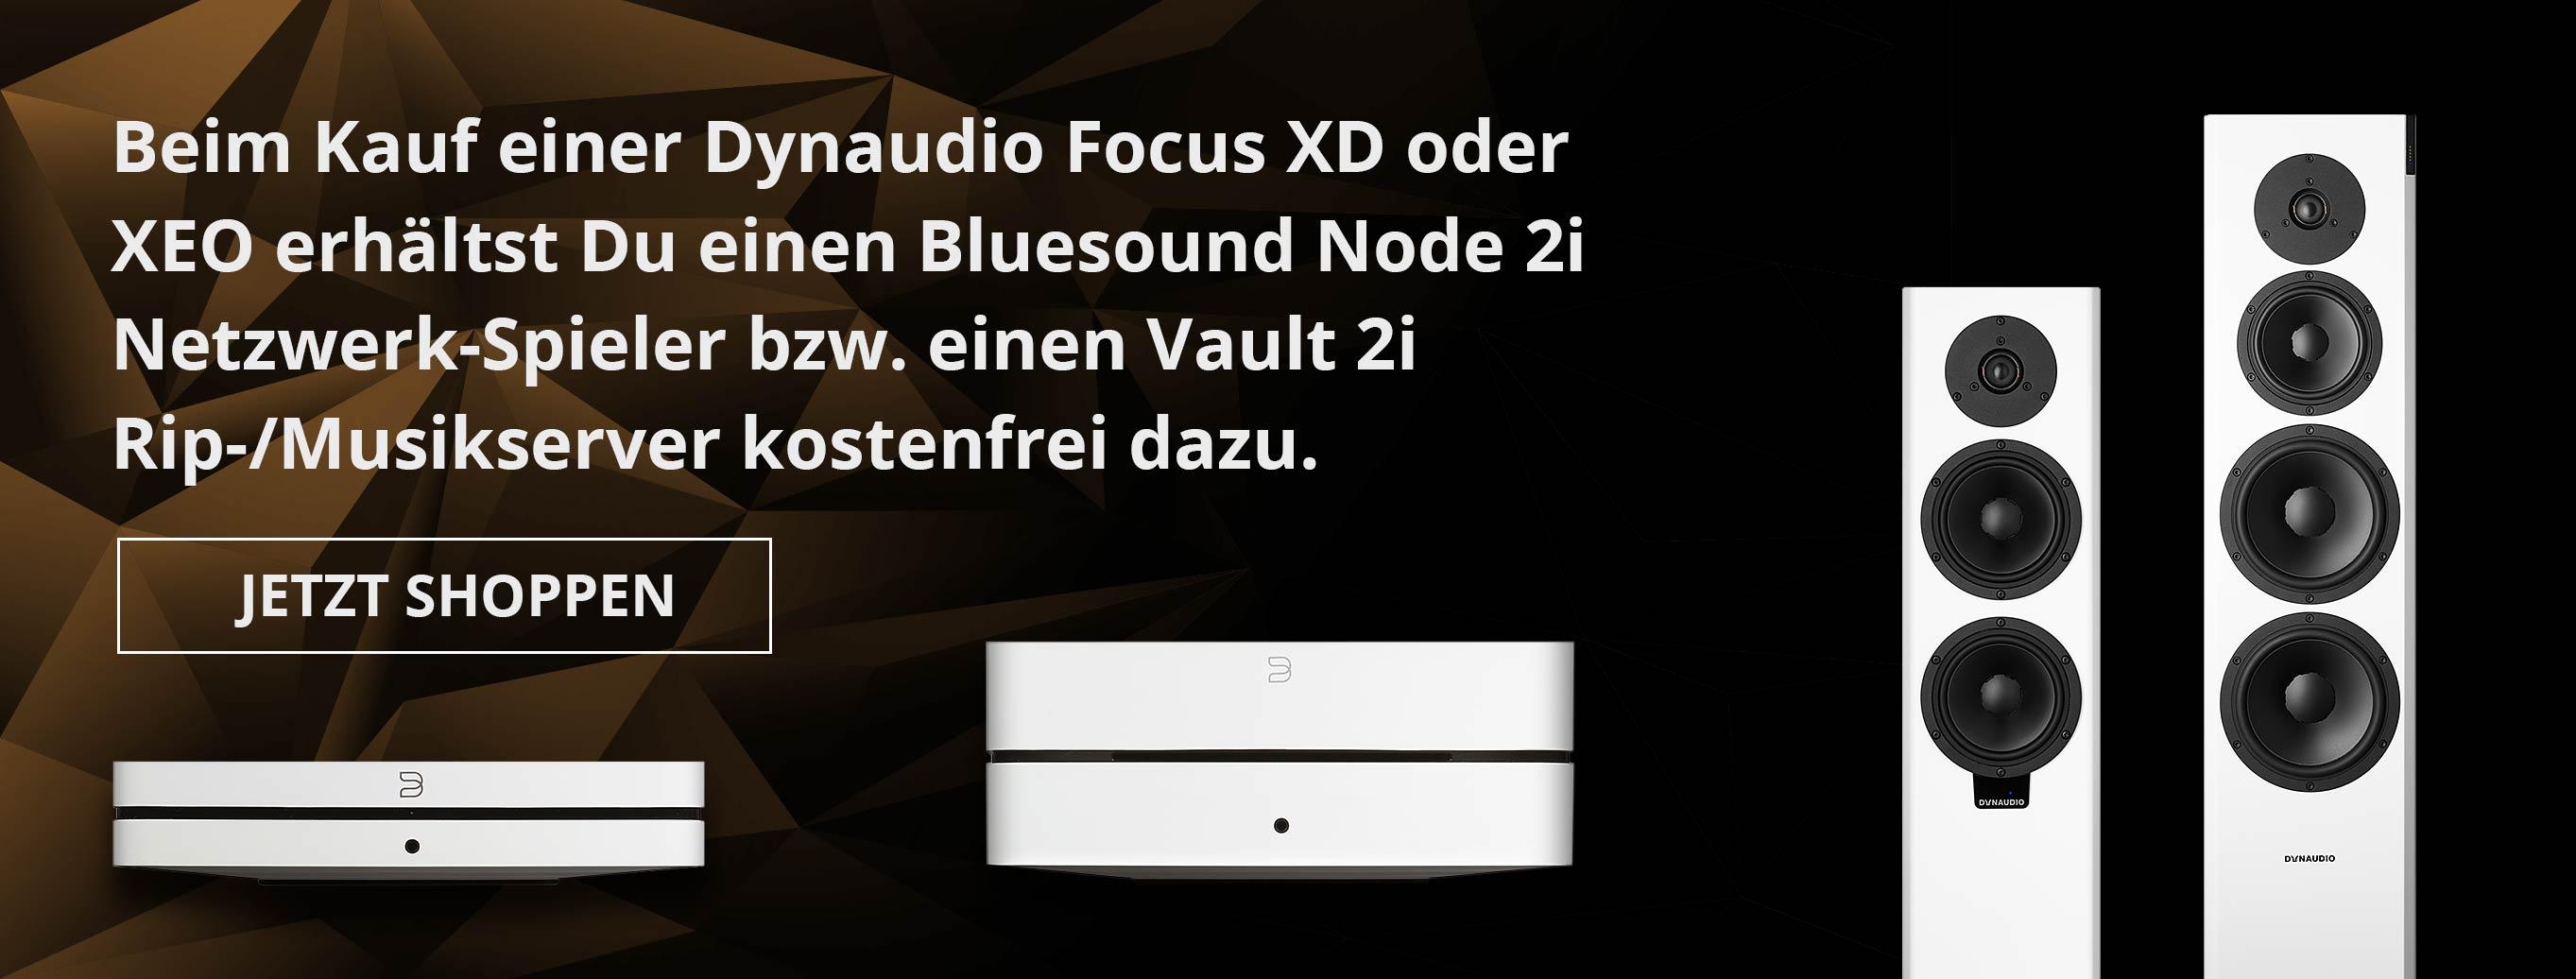 Dynaudio & Bluesound (Angebote Seite)